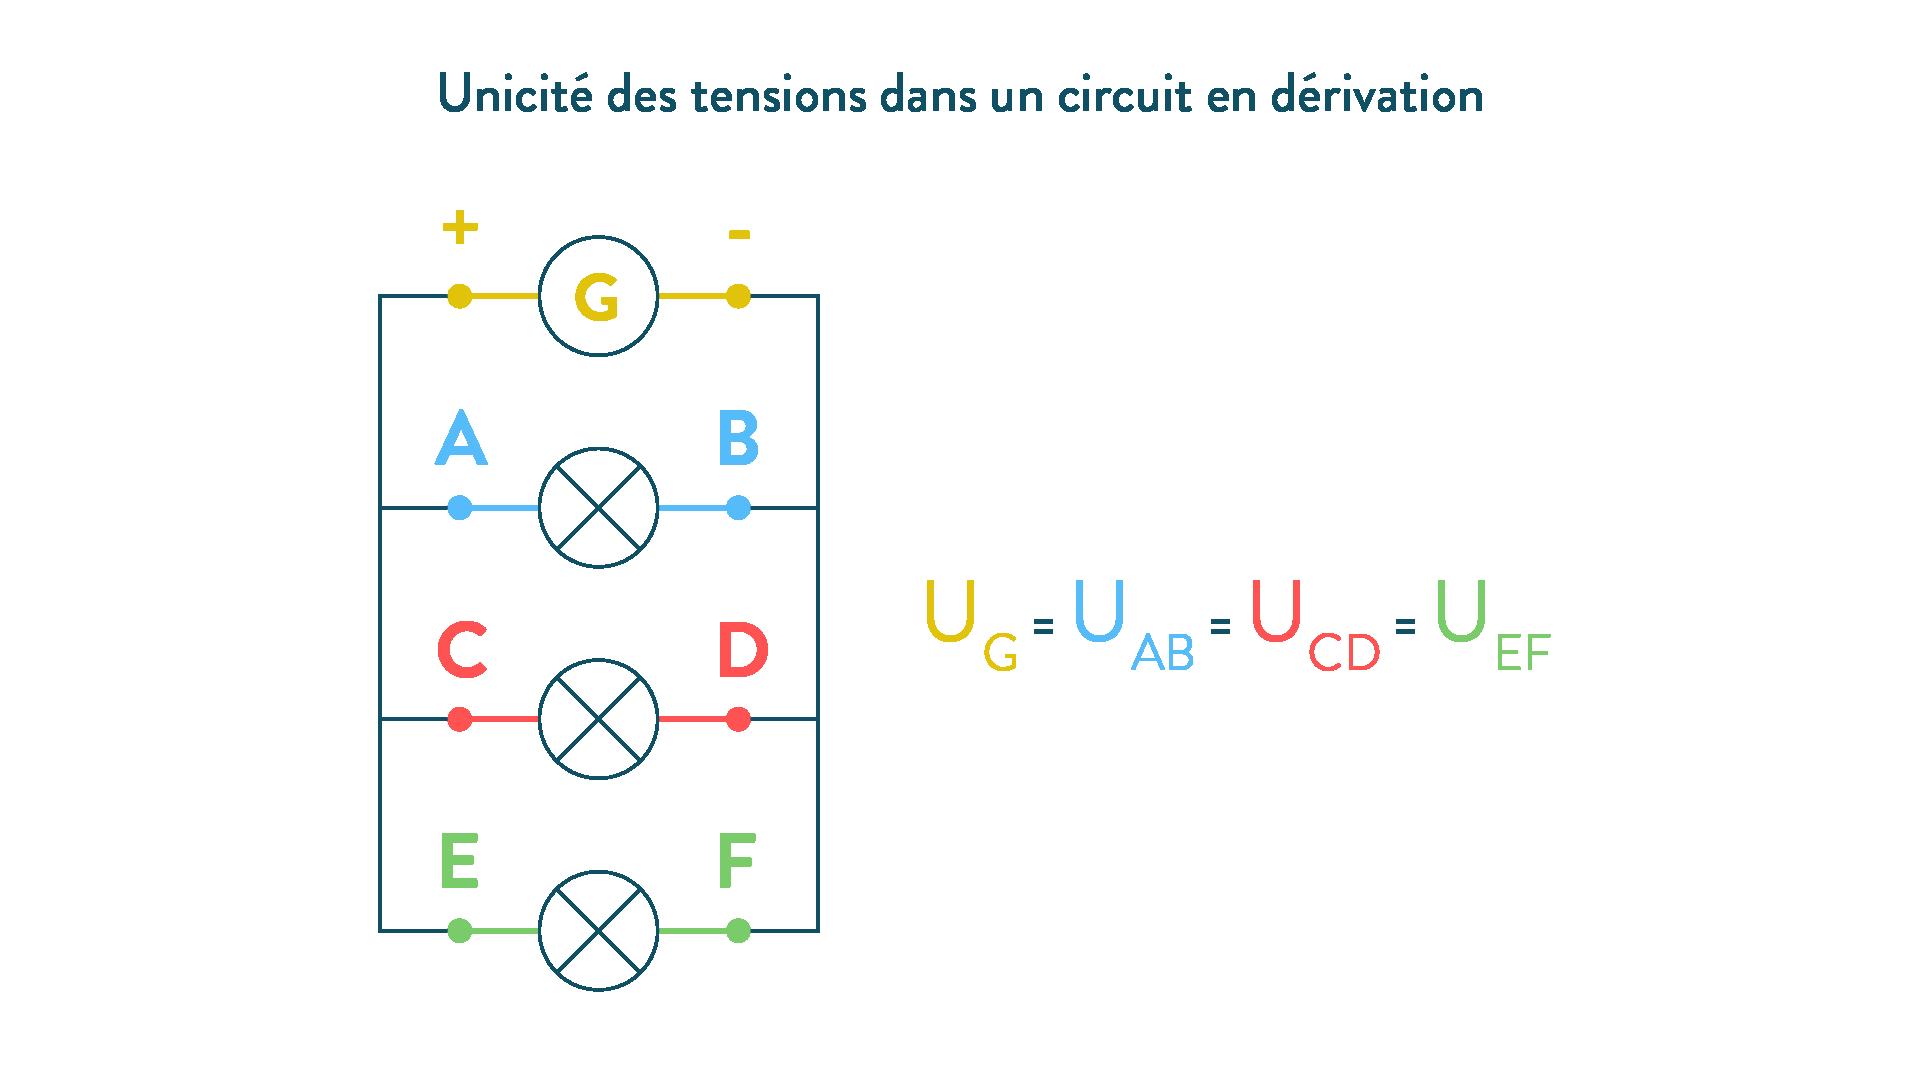 Unicité des tensions dans un circuit en dérivation